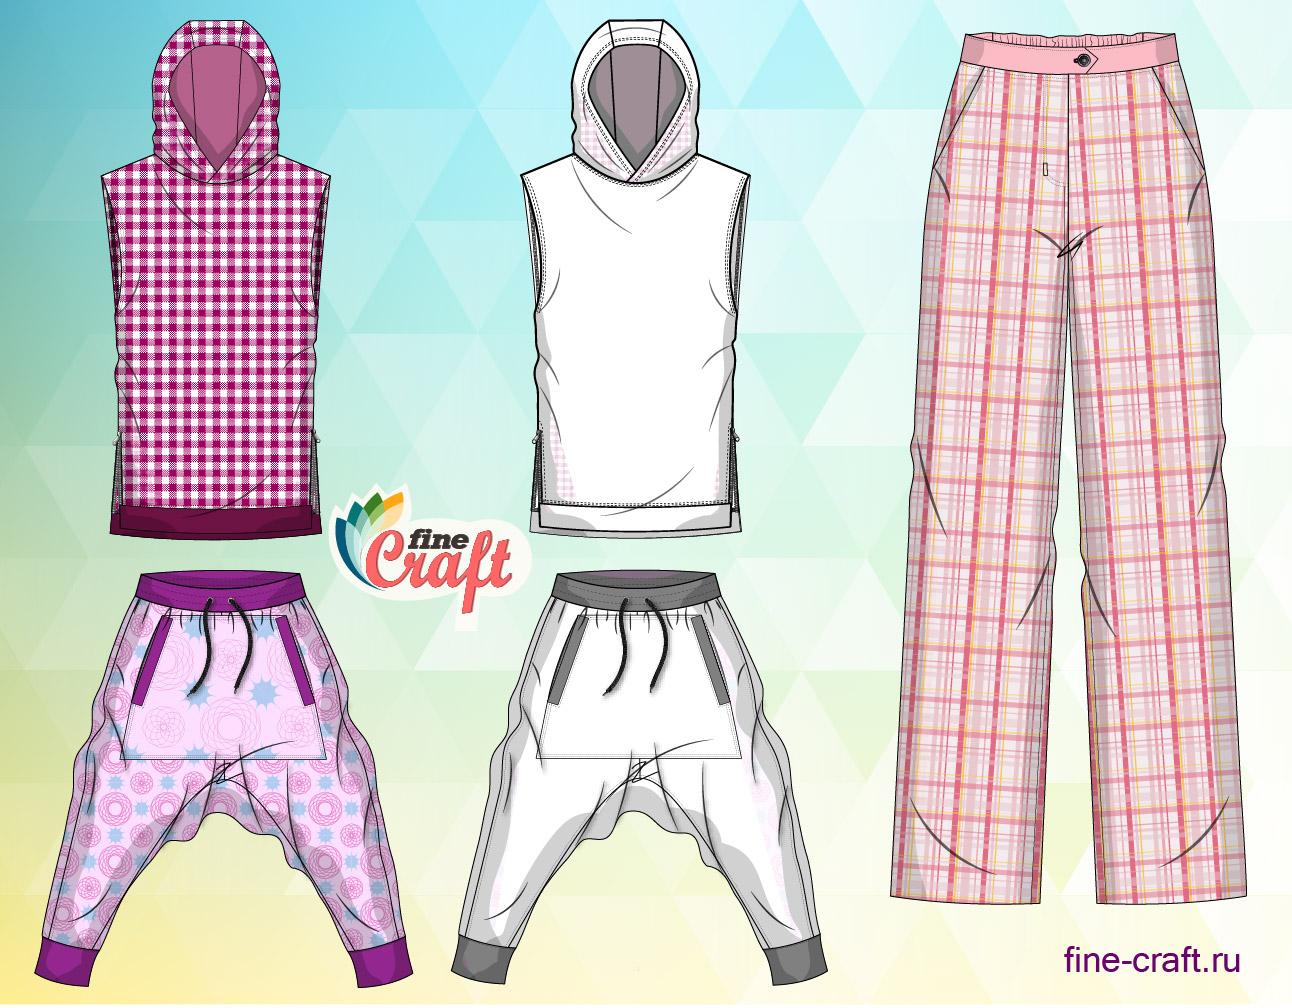 Программа для дизайнеров одежды онлайн